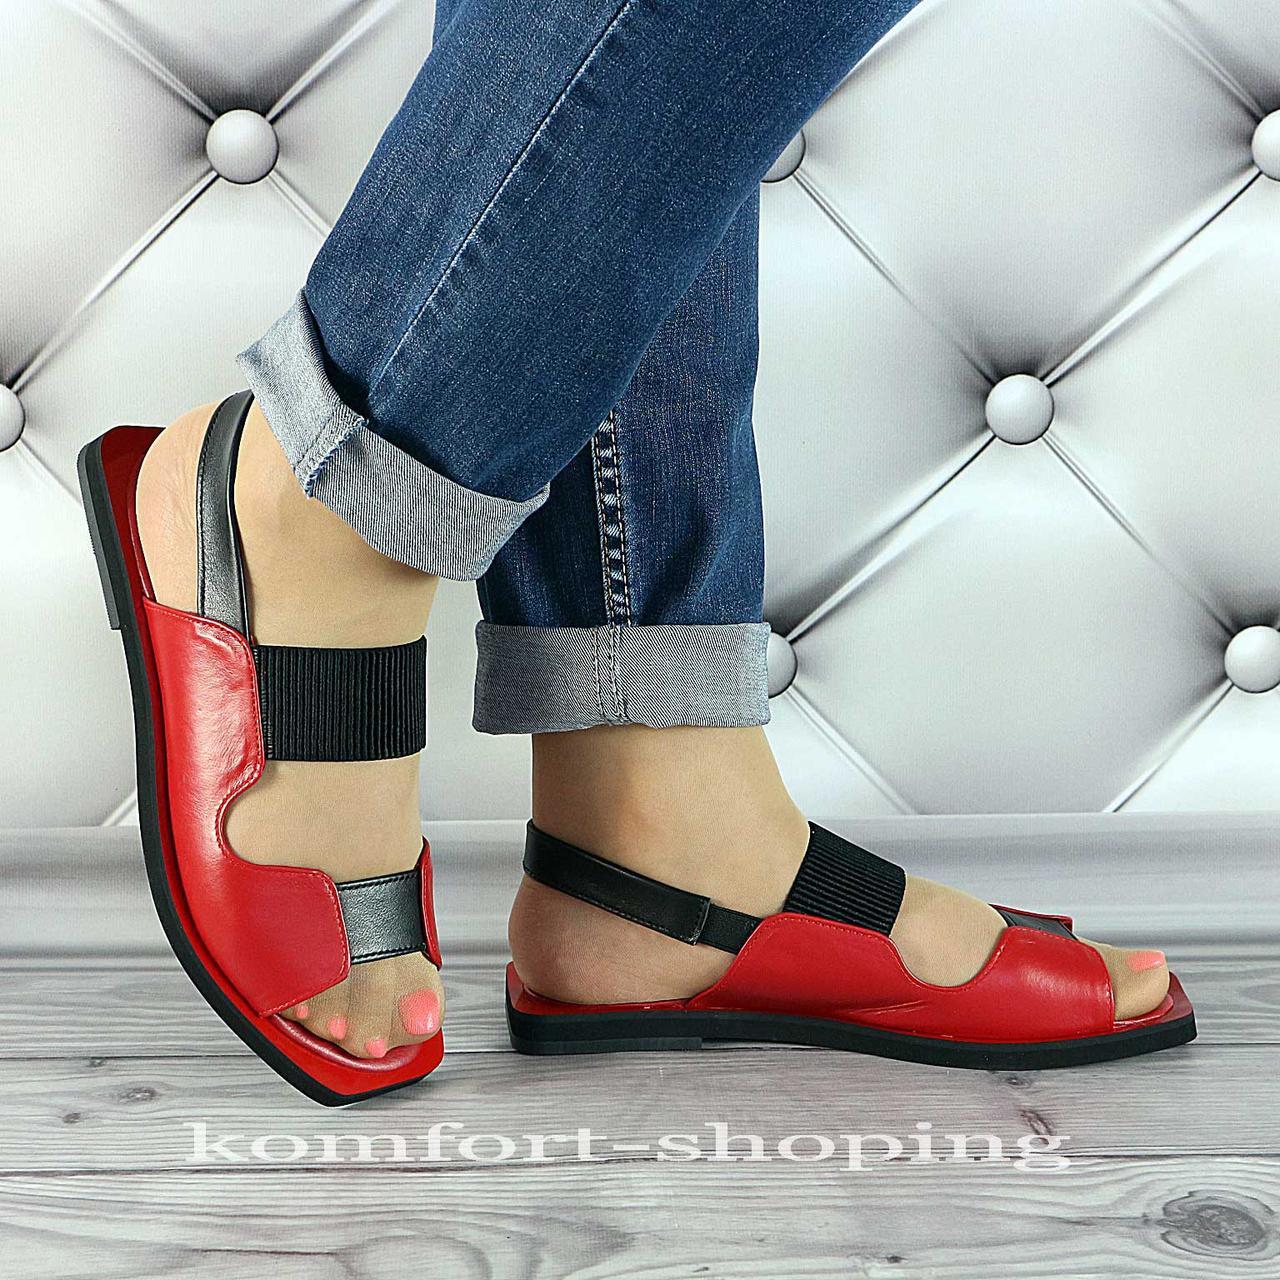 Женские босоножки кожаные, красный+черный V 1298